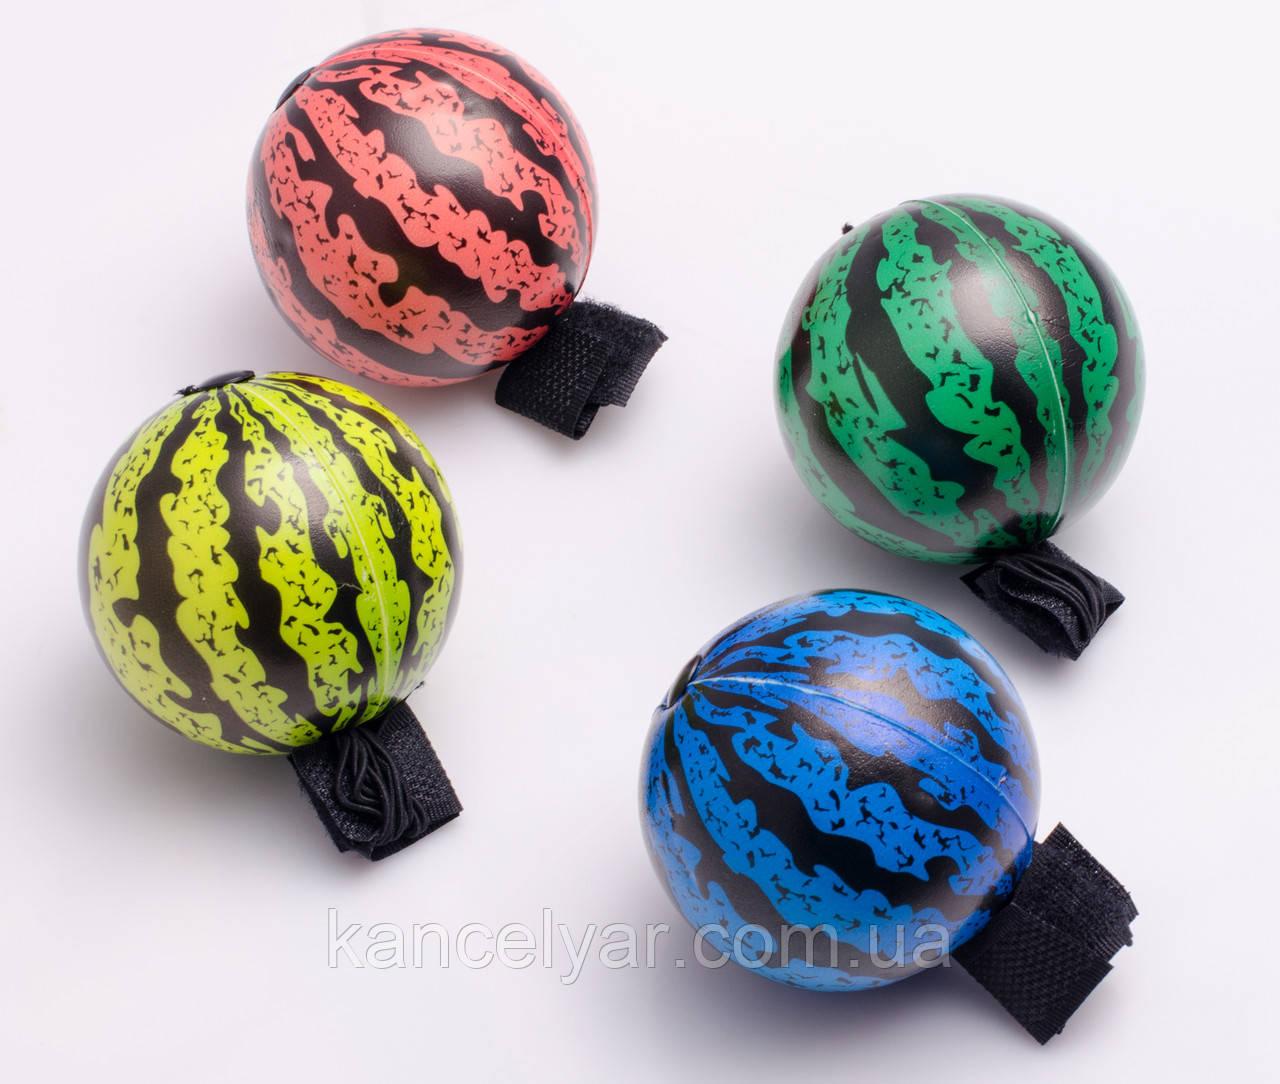 """М'ячик на резинці поролоновий """"Кавун"""", 6 см, в асортименті"""